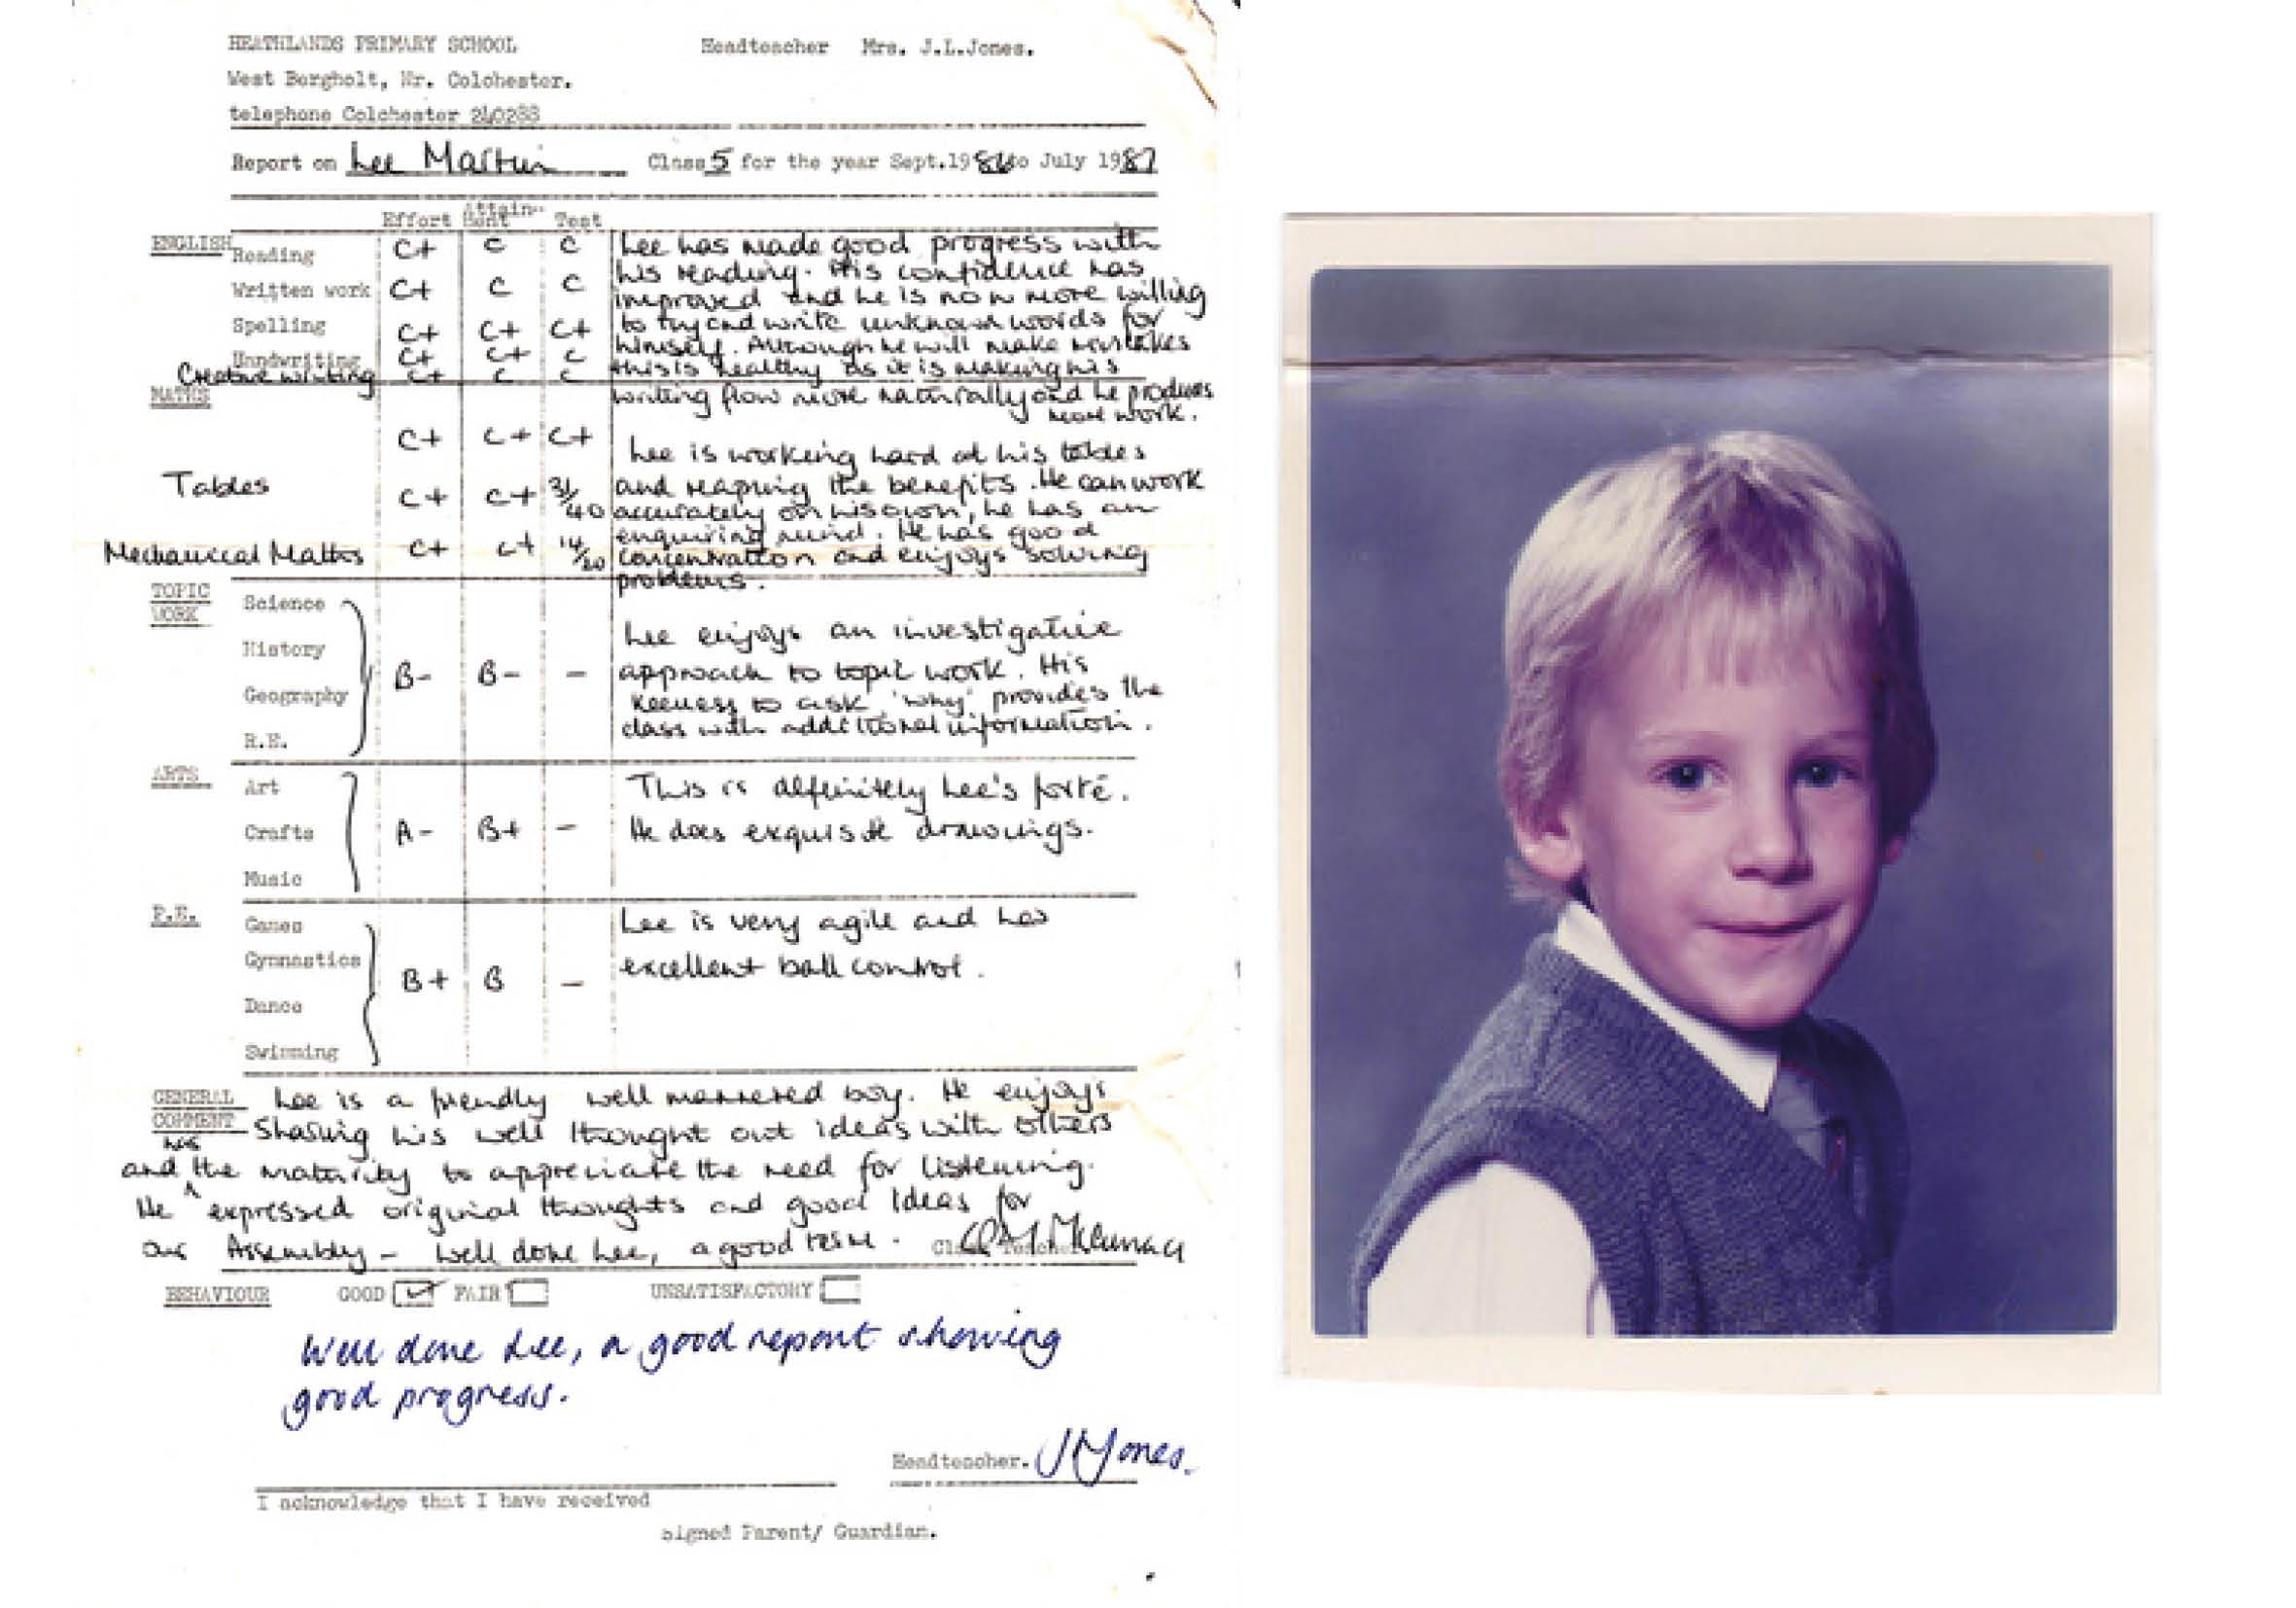 Heathlands School report 1987.